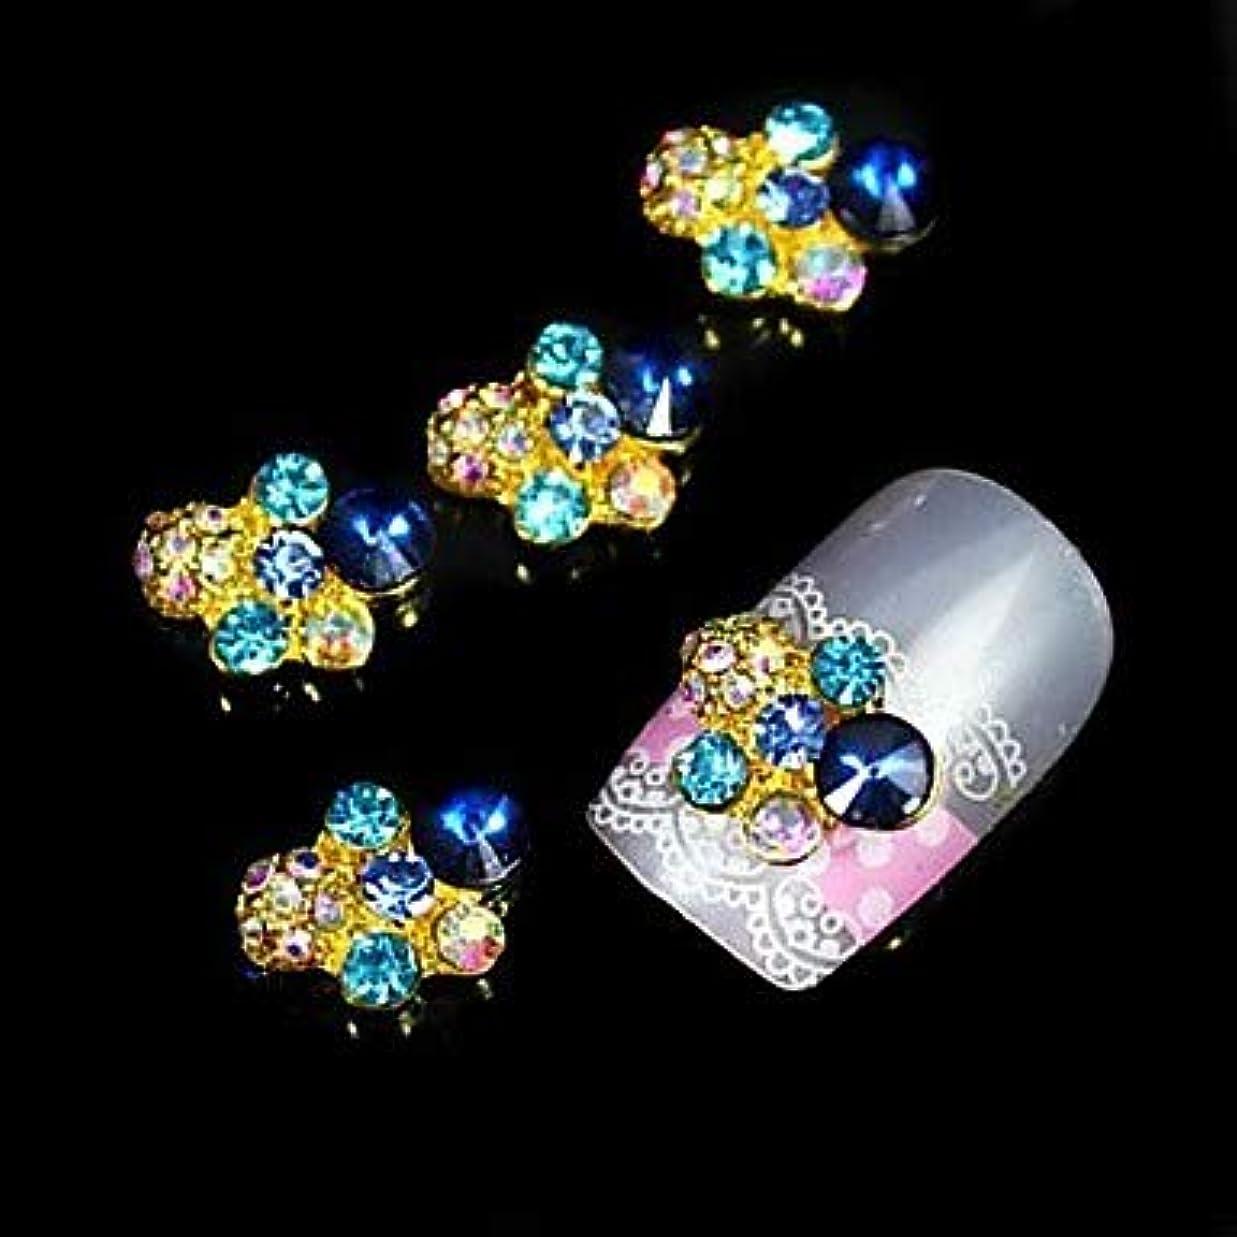 促す付ける国際指のつま先のための金属のネイルジュエリー他の素敵なネイルアートマニキュアペディキュアフルーツの花抽象毎日漫画パンク